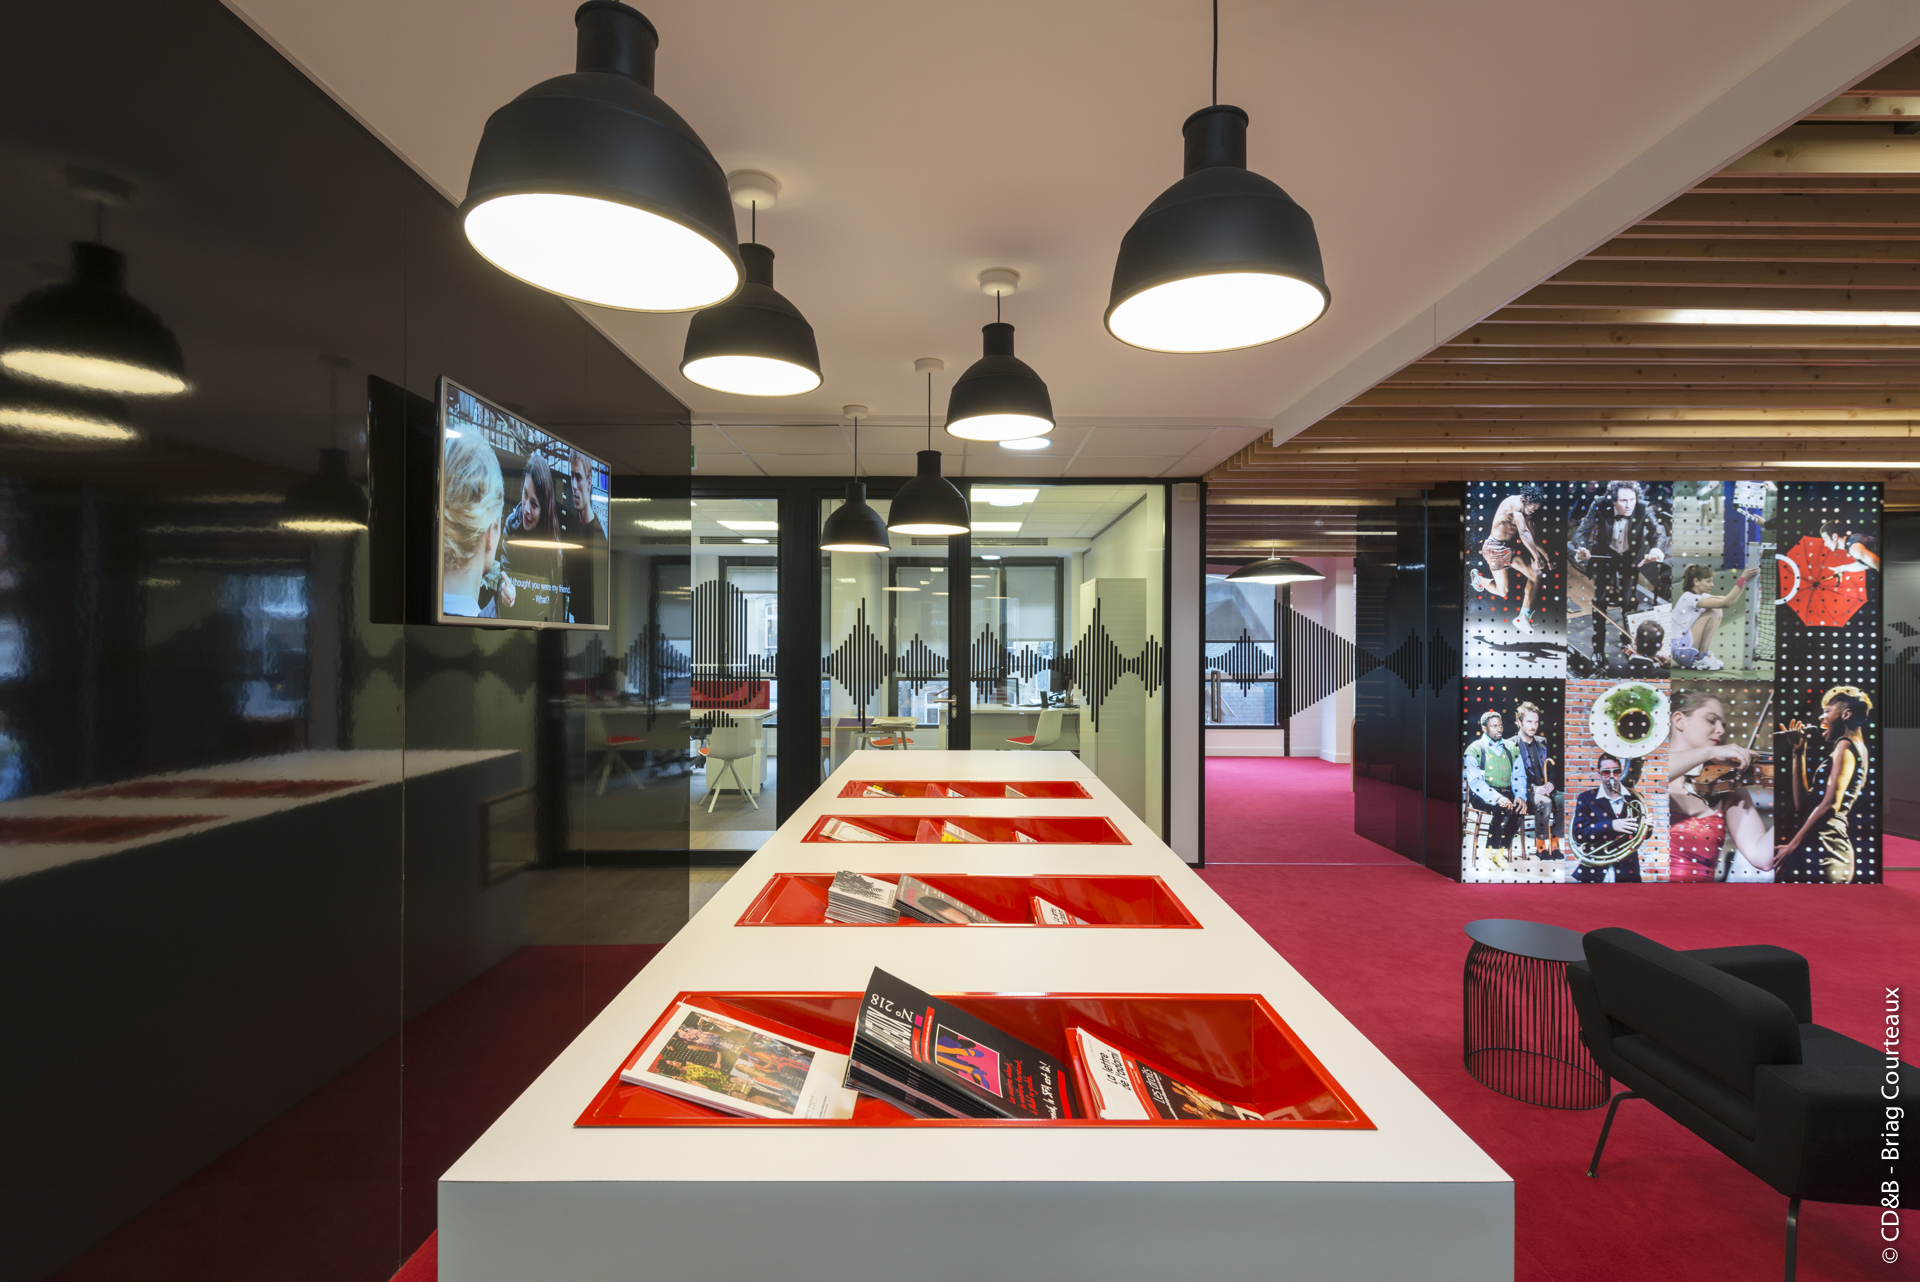 Conseil, aménagement, conception et réalisation des espaces de la société Adami par CDB, Meet you there.